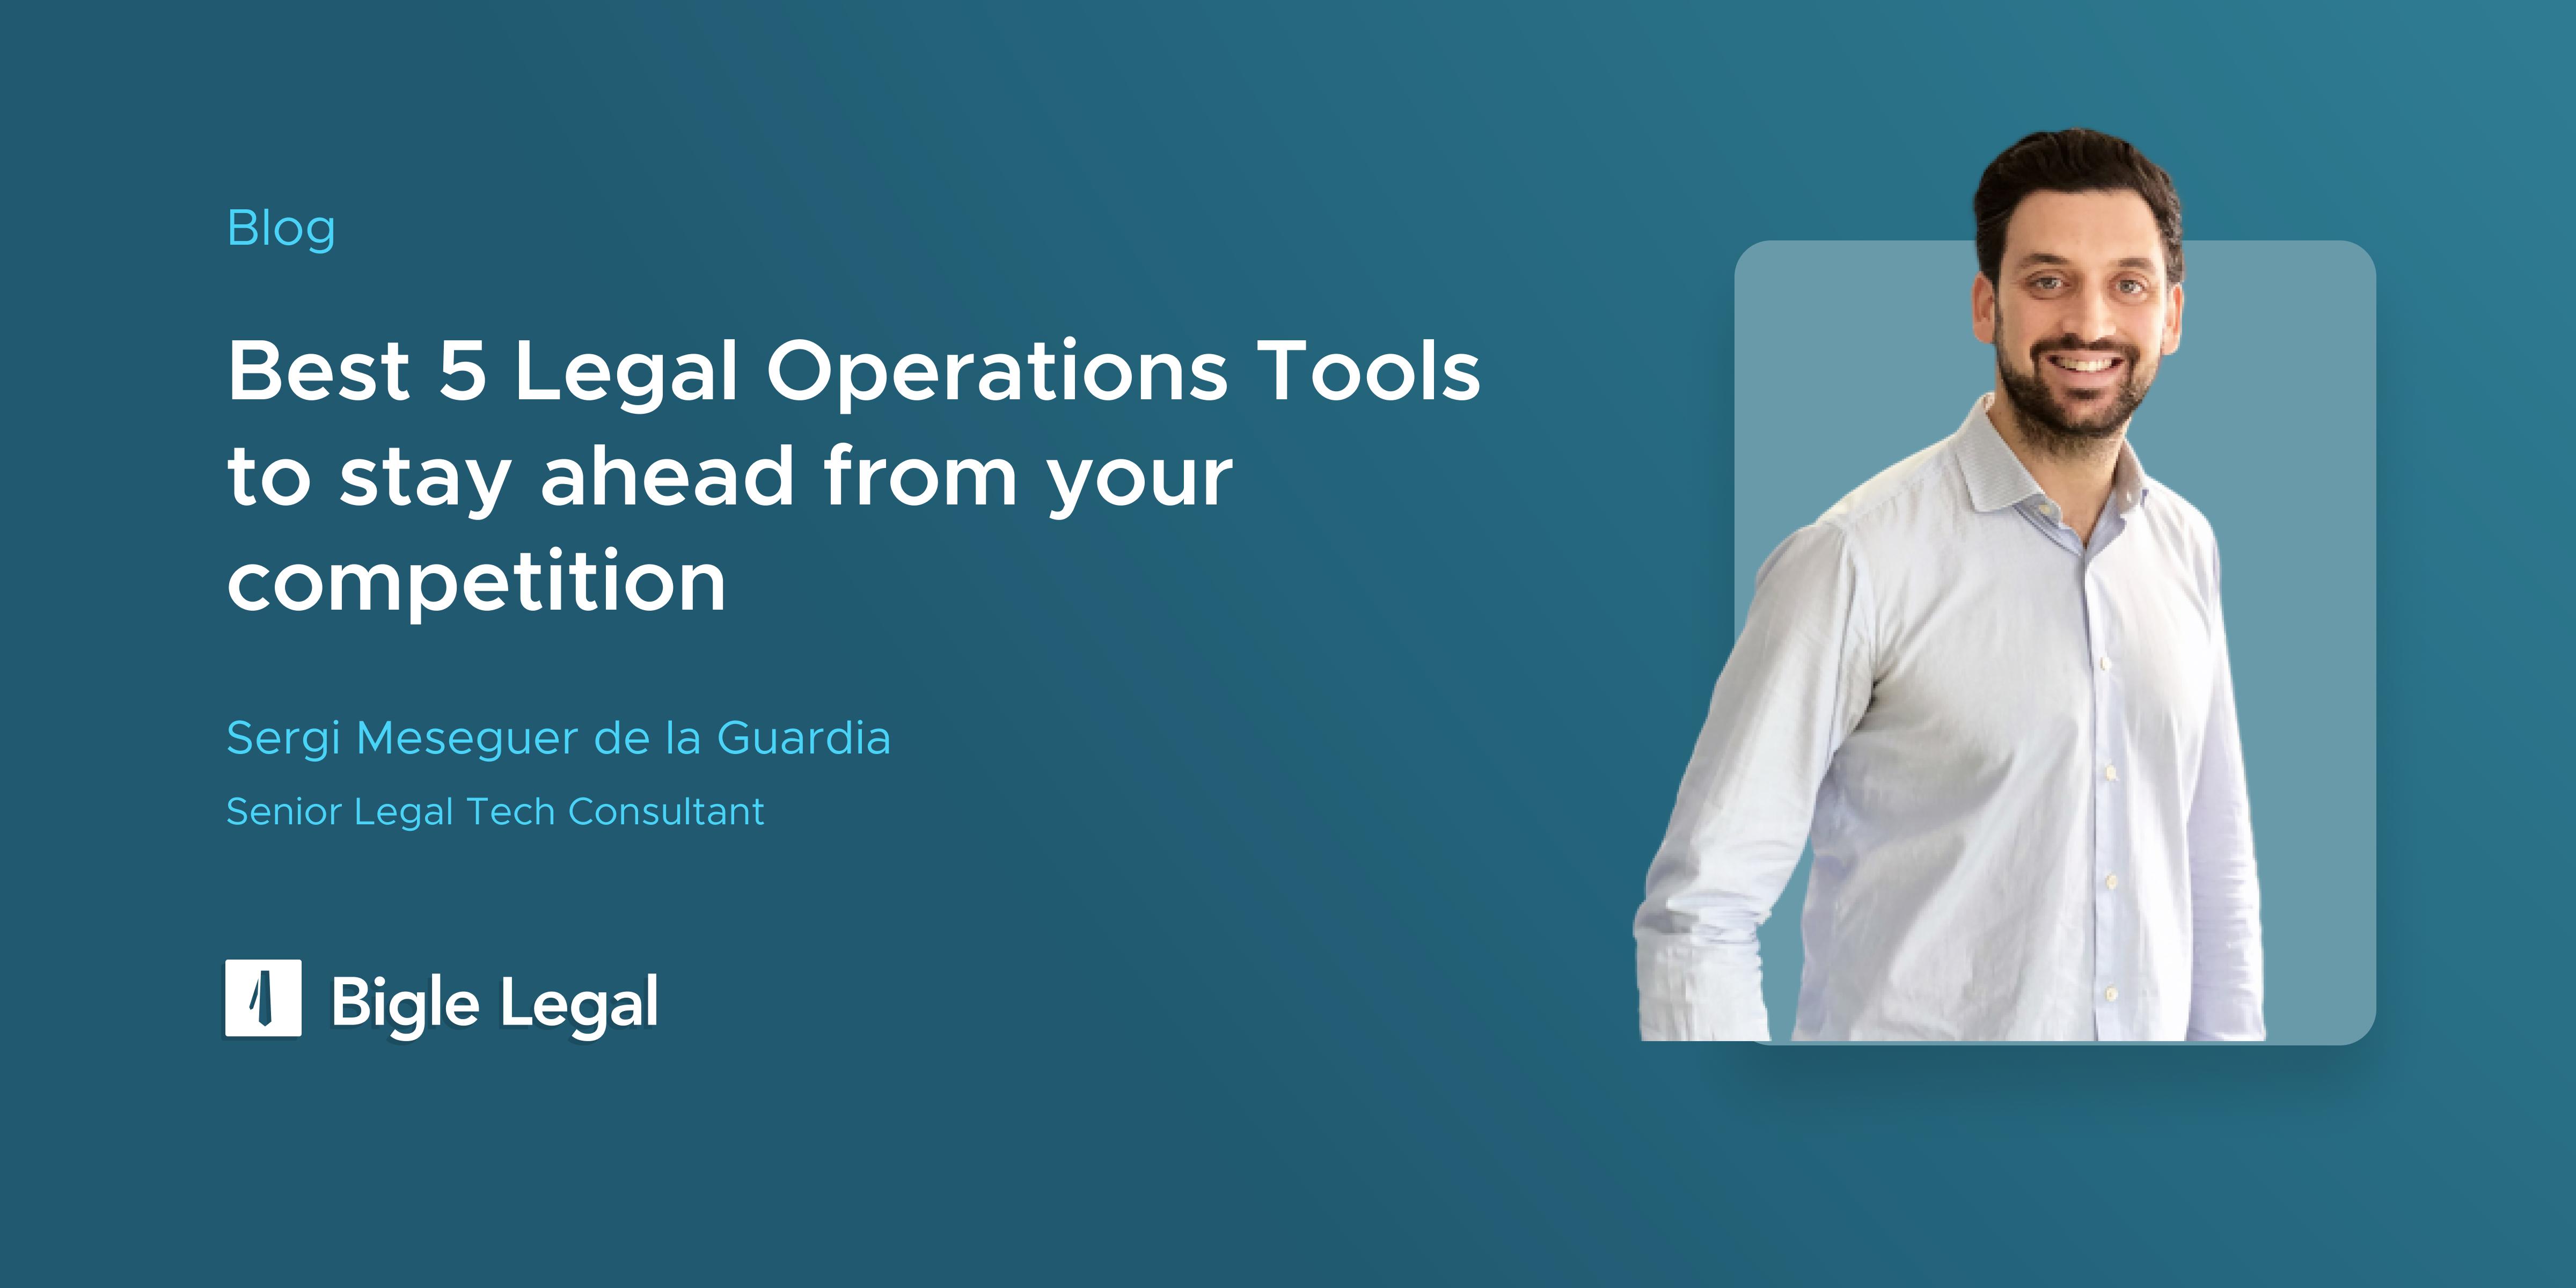 Legal Operations Tools - Bigle Legal